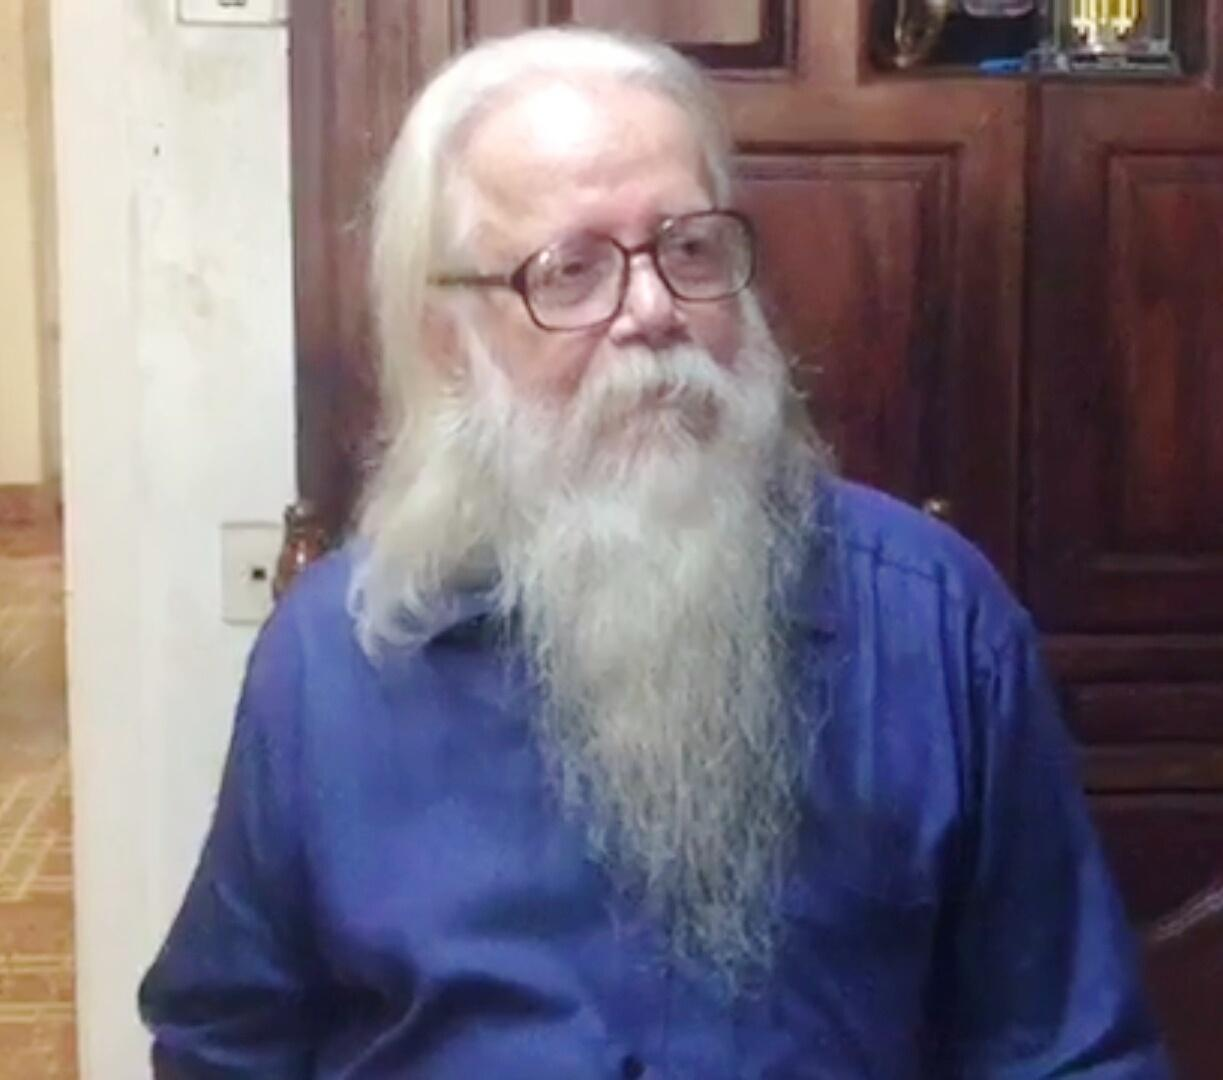 நம்பி நாராயணன்